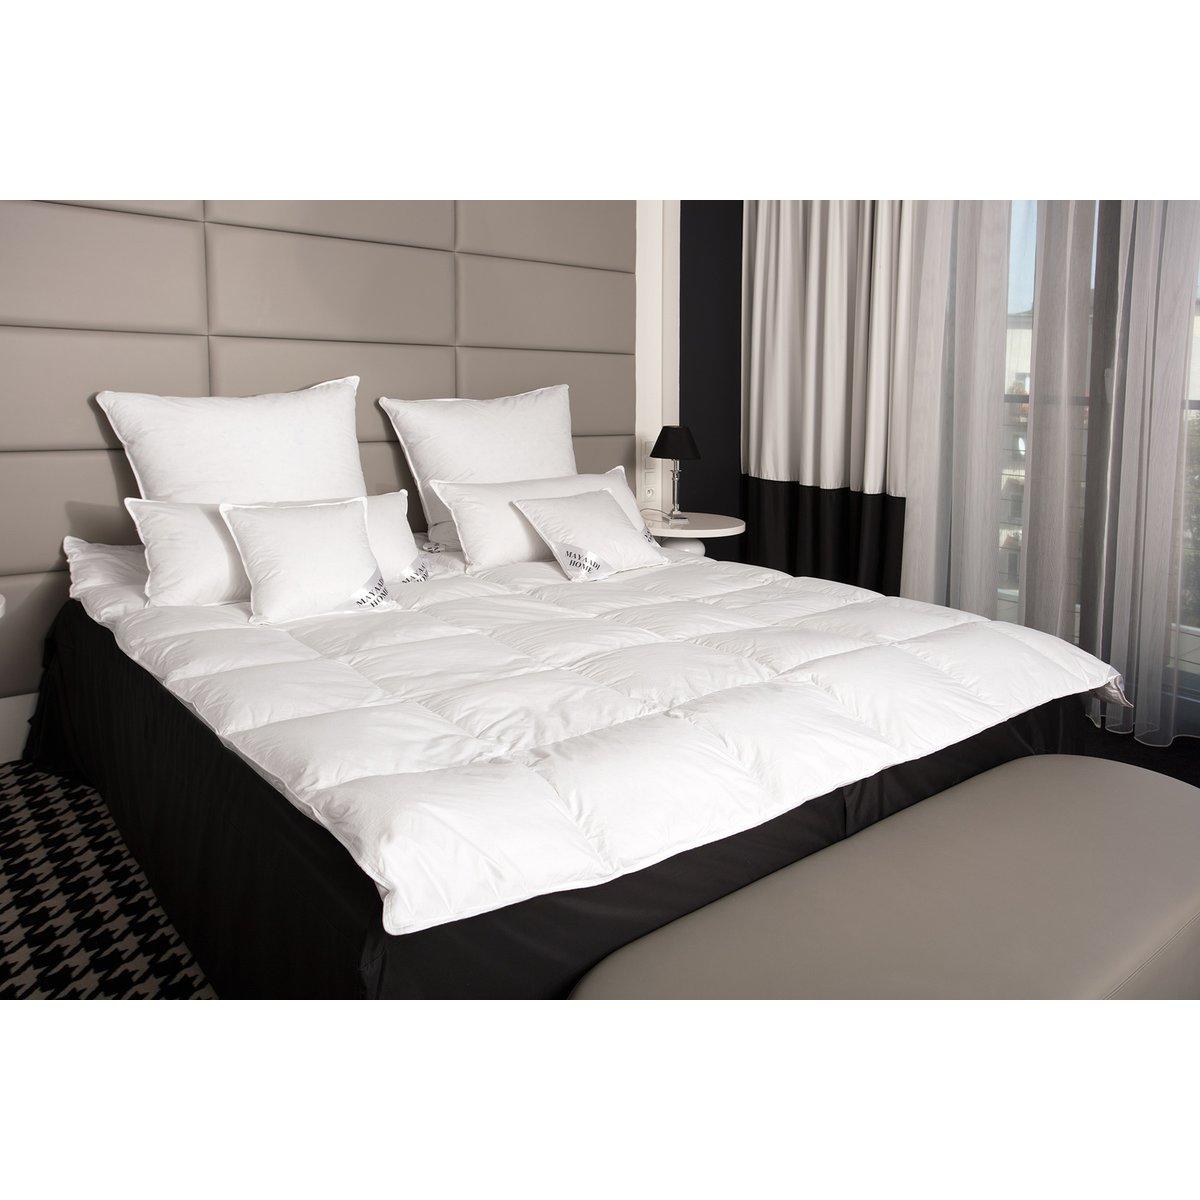 hs38 daunendecke bettdecke federn oberbett decke 70 daunen 155x220 62 90. Black Bedroom Furniture Sets. Home Design Ideas